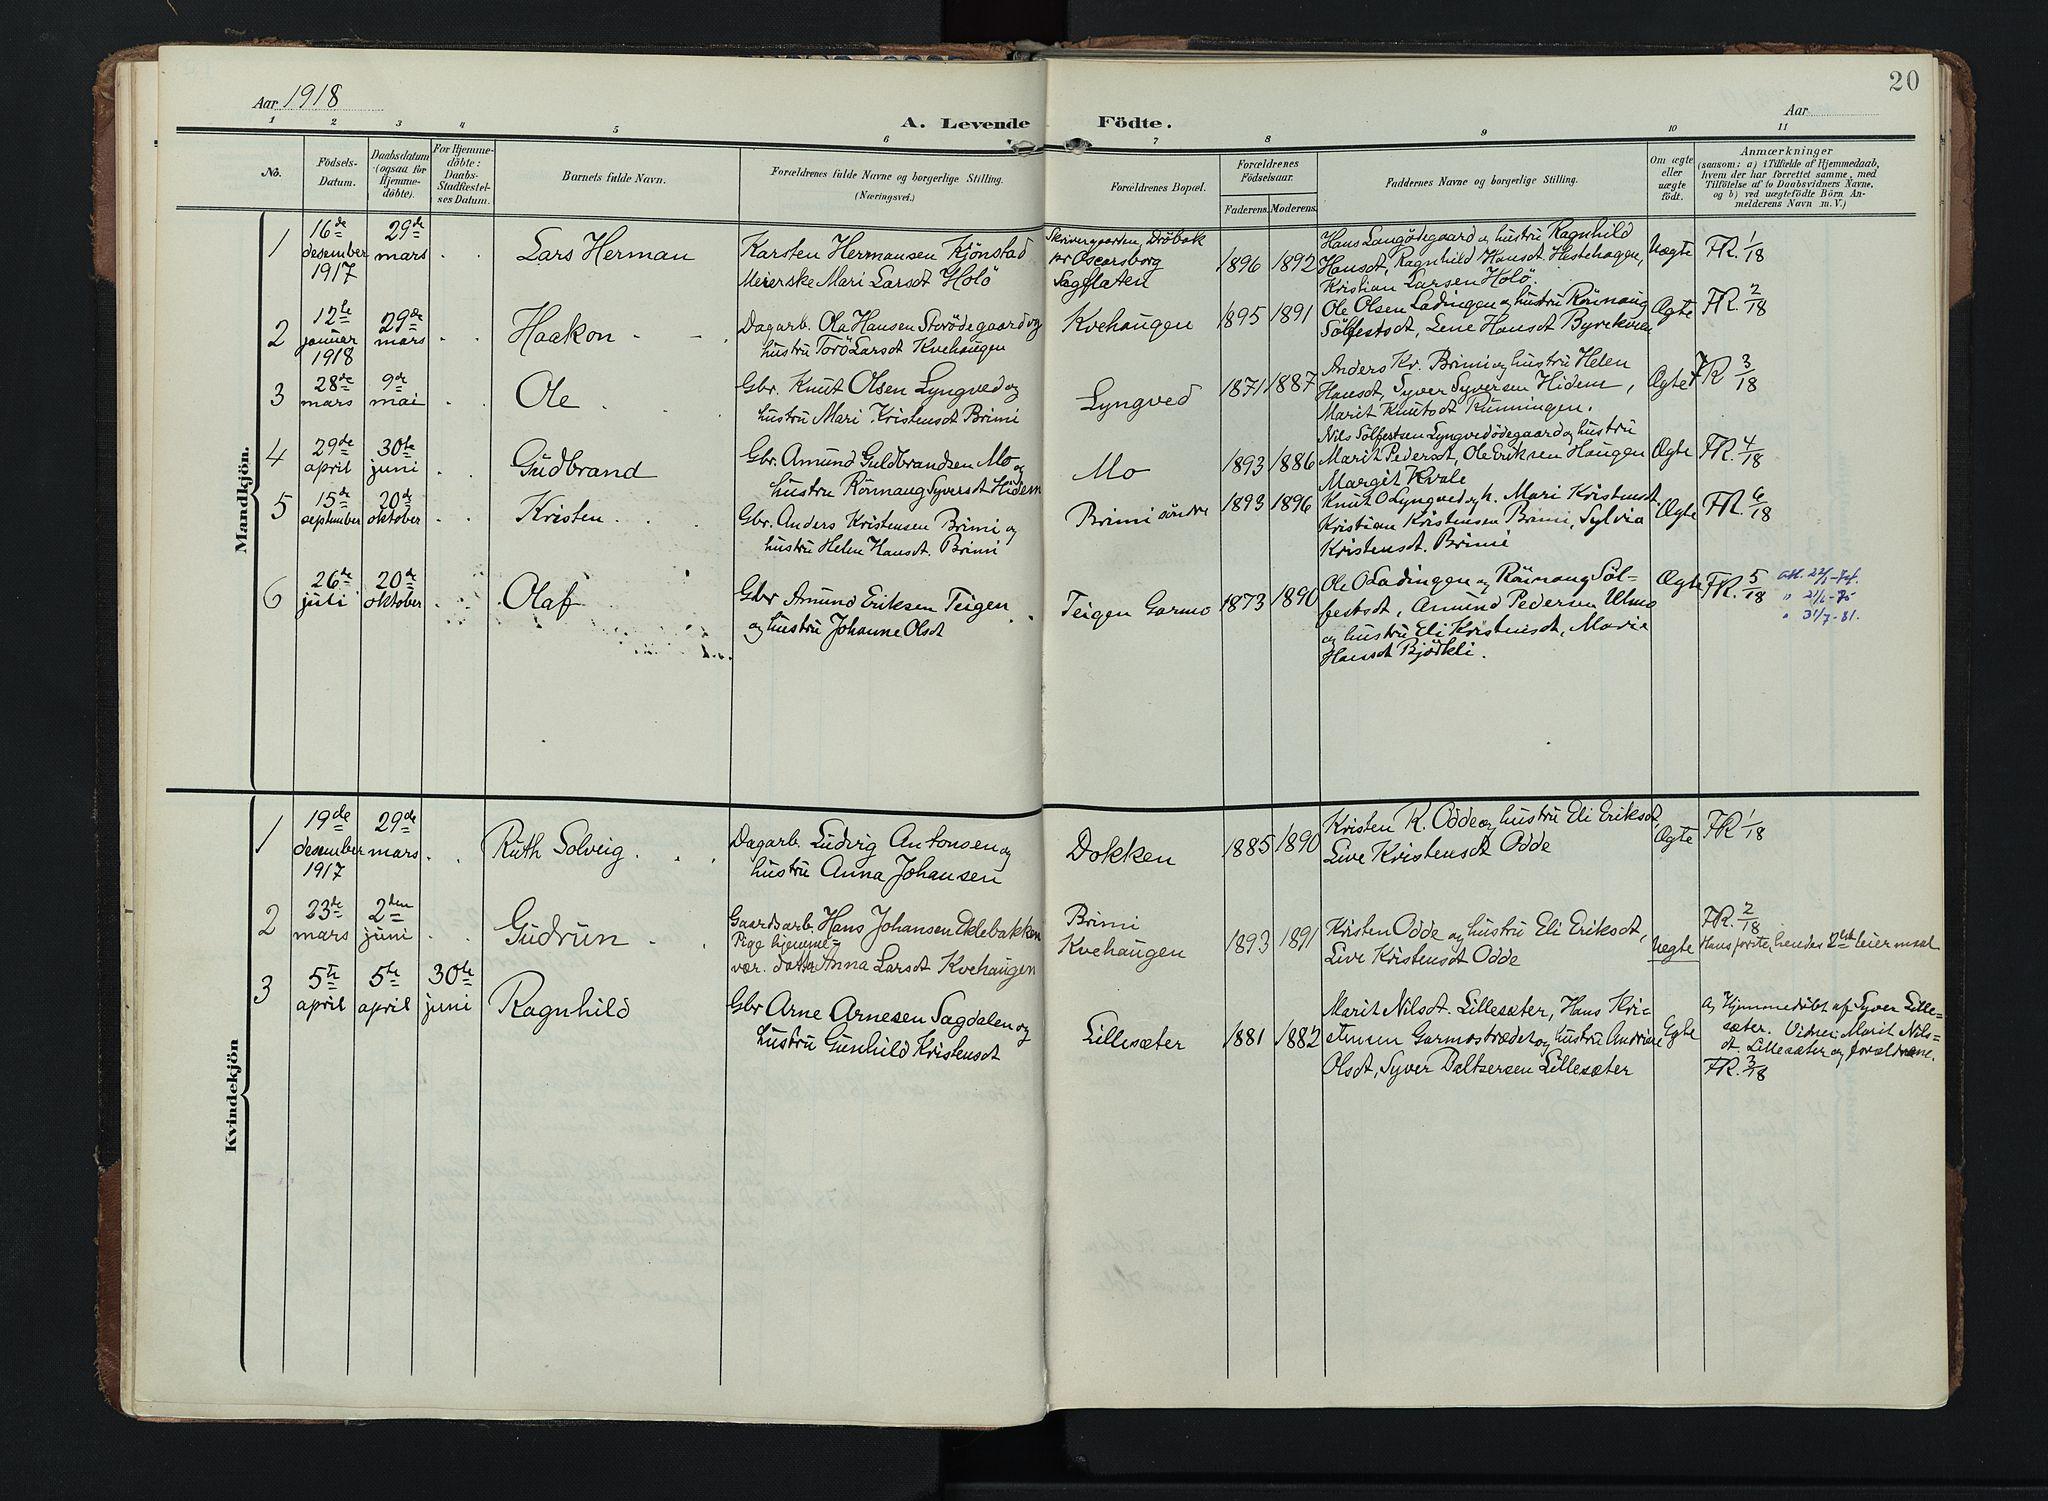 SAH, Lom prestekontor, K/L0011: Ministerialbok nr. 11, 1904-1928, s. 20